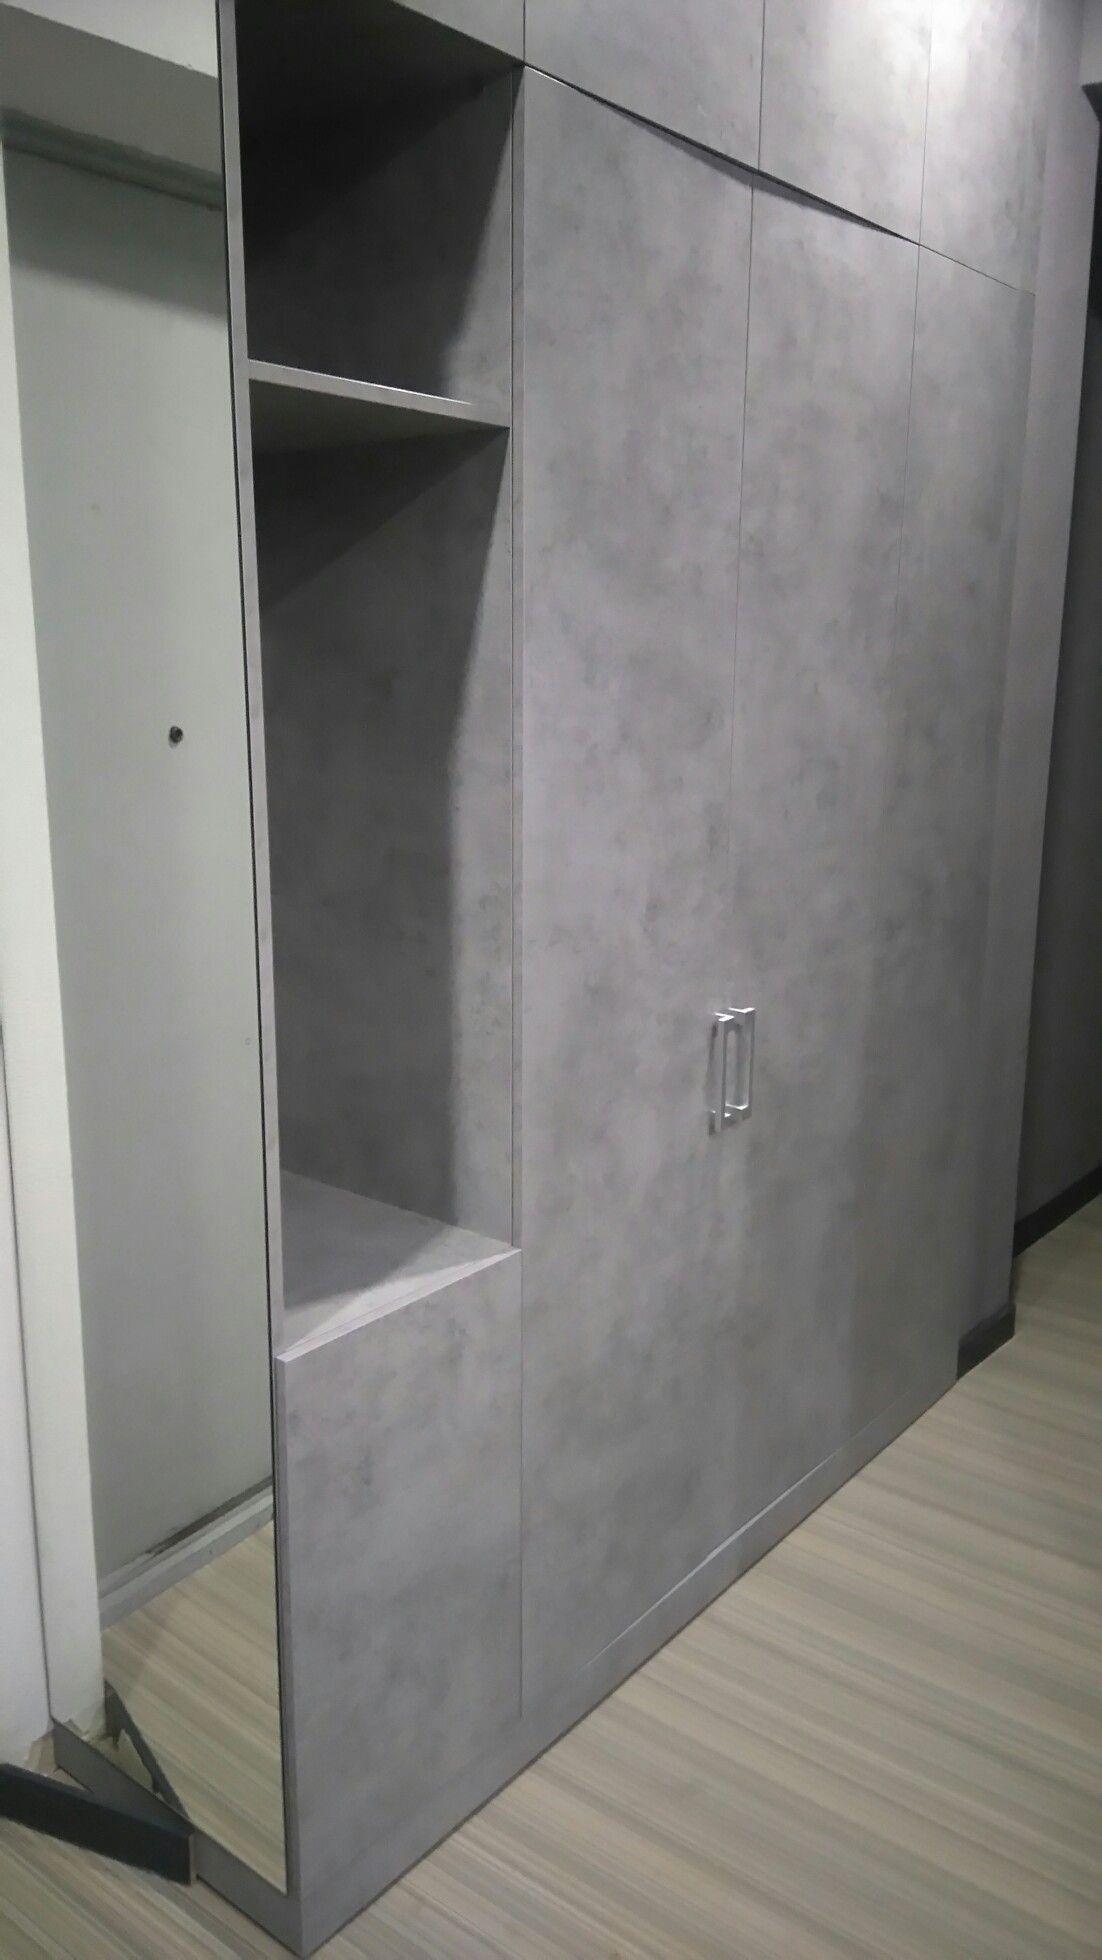 Шкаф для бетона строительный раствор курсовая